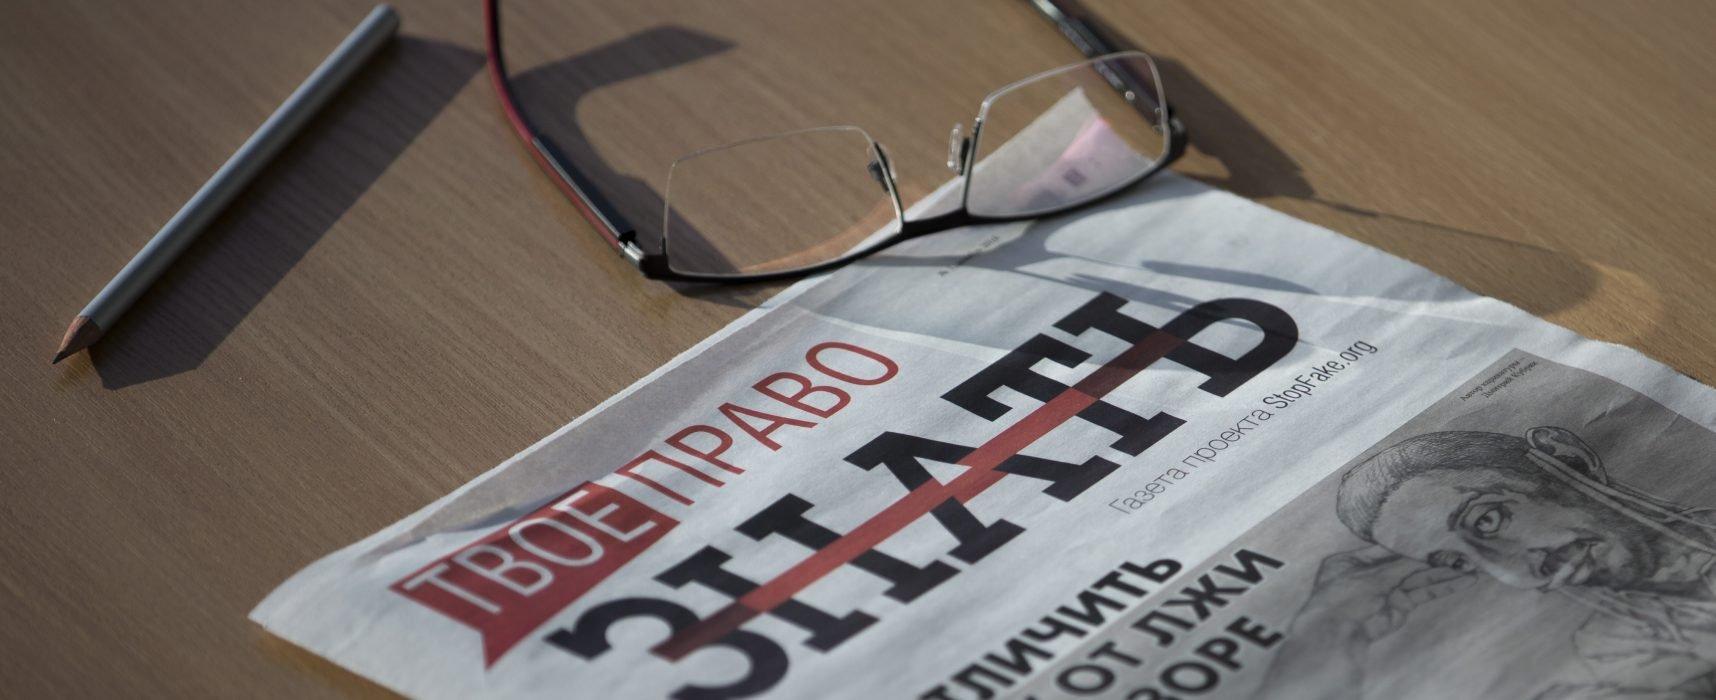 Stopfake запускает газету для Донбасса